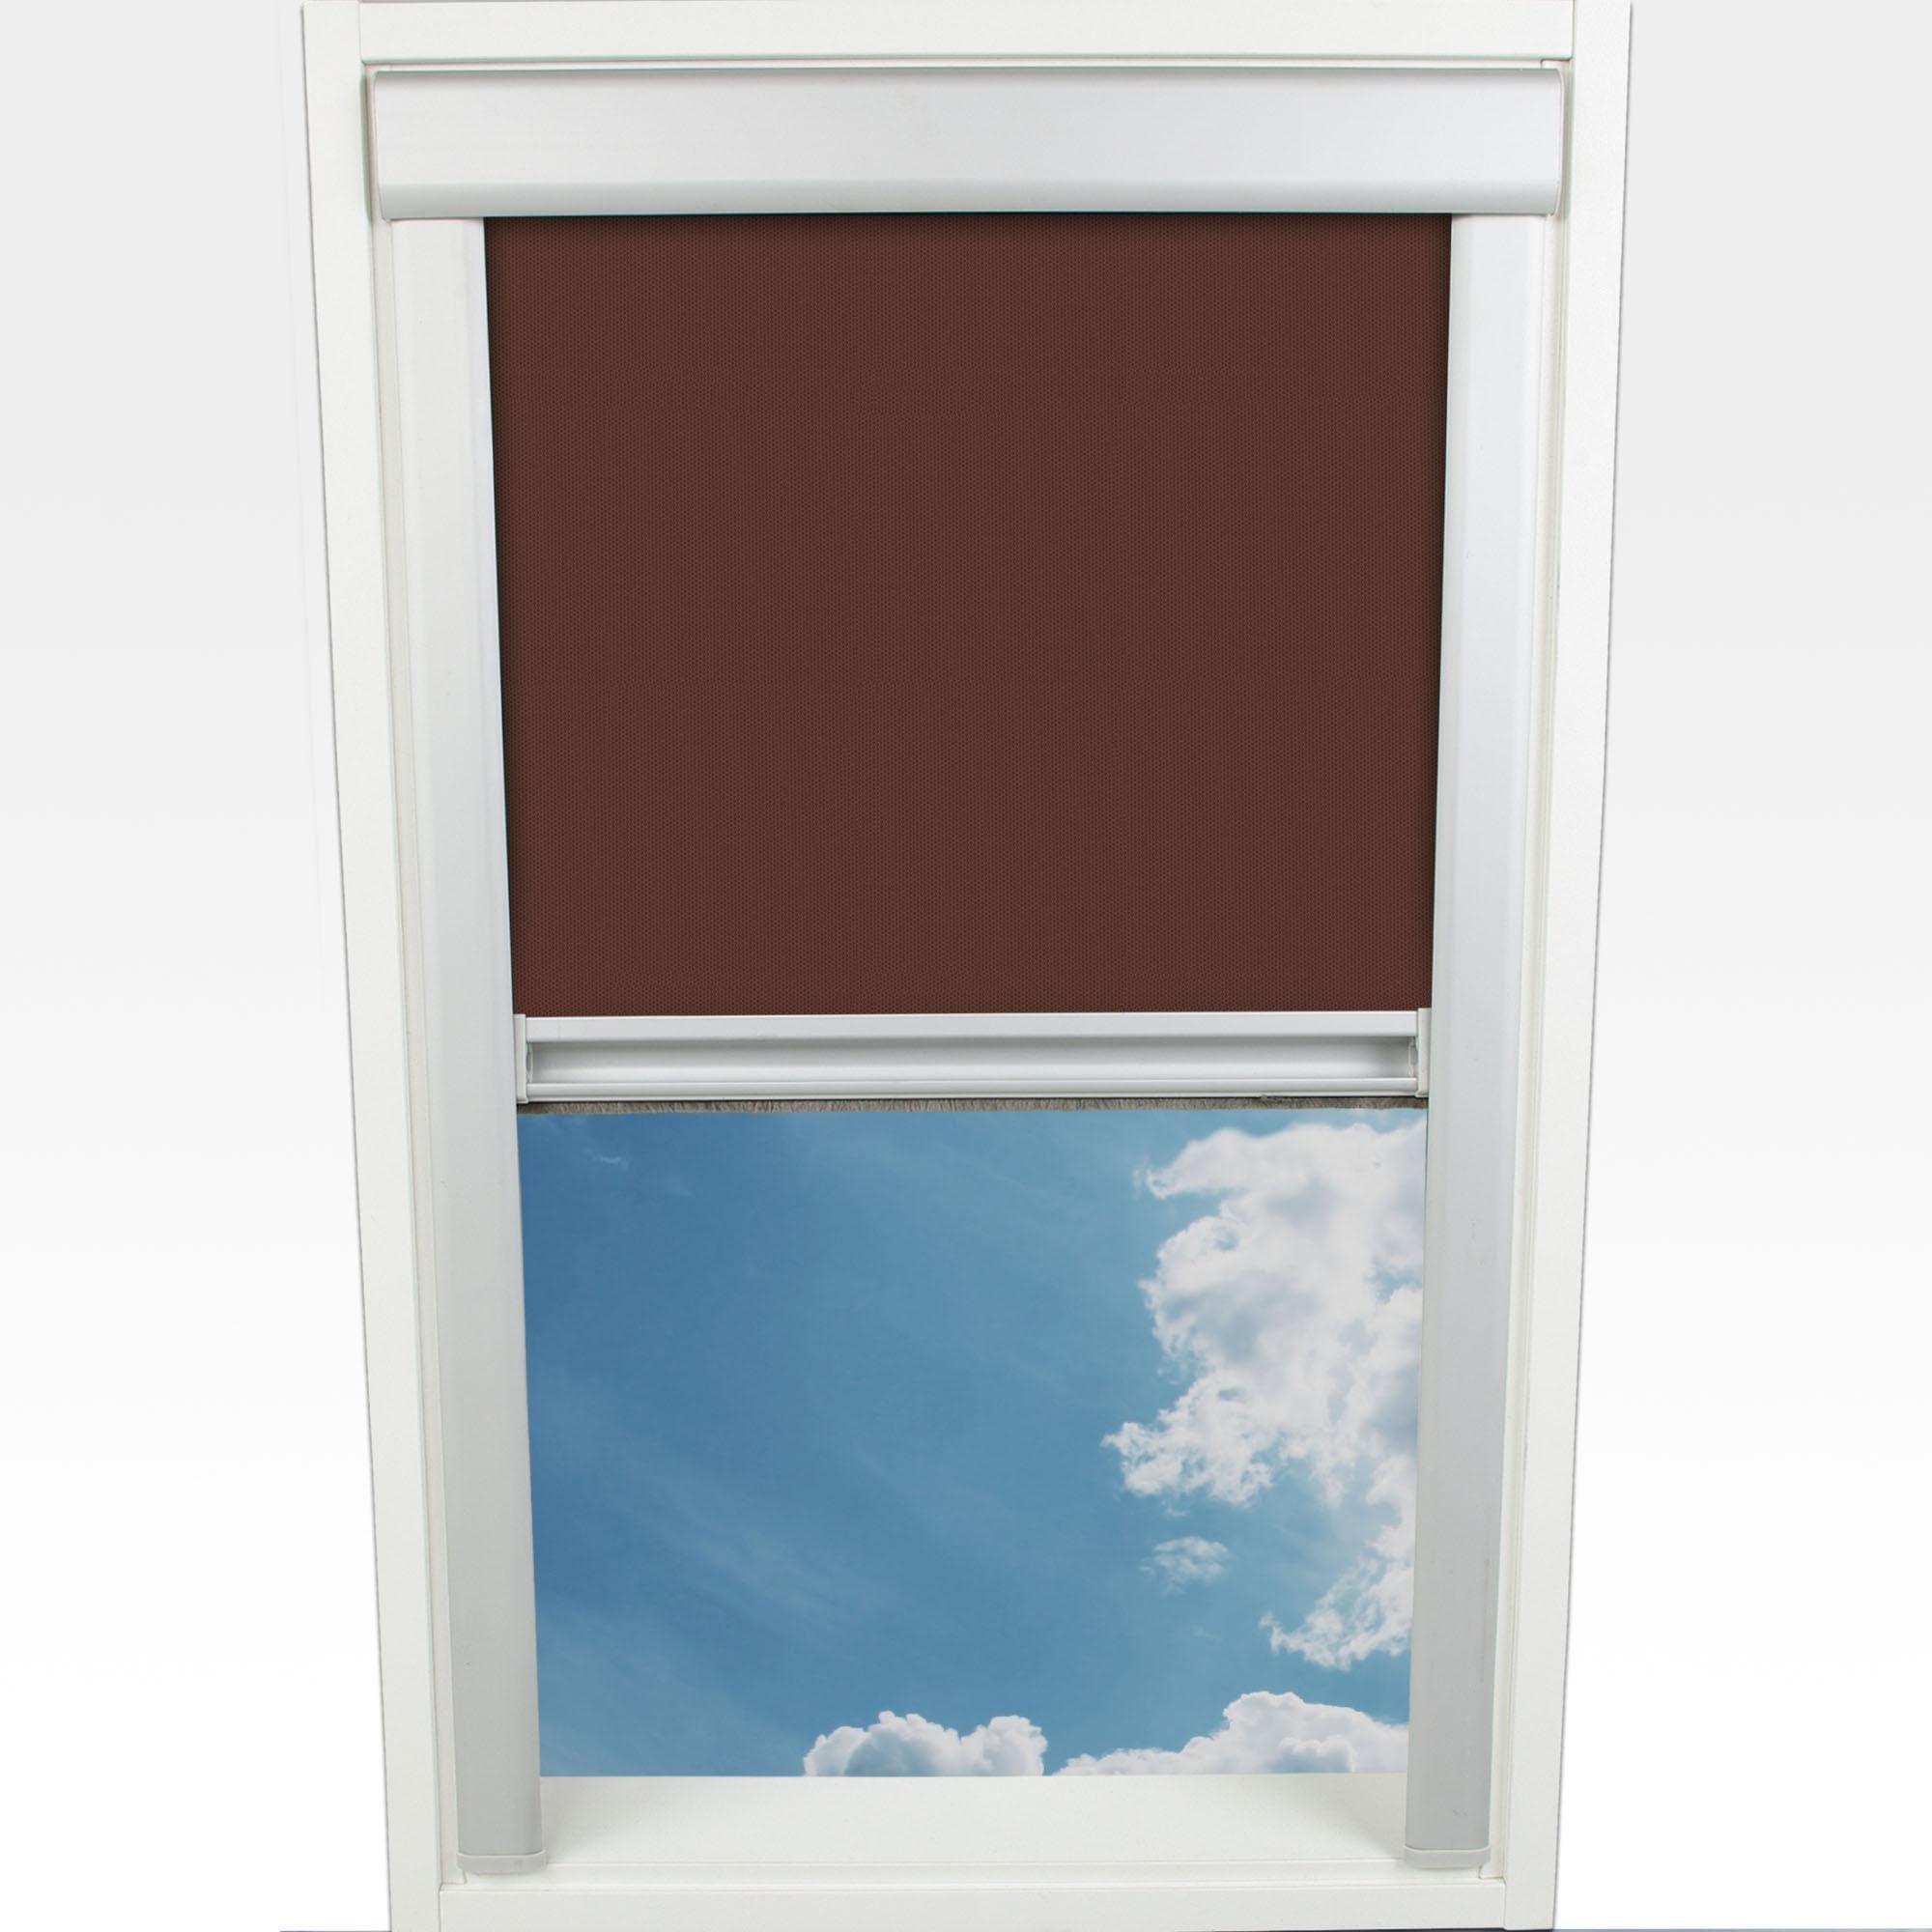 Dachfensterrollo Verdunkelung Liedeco verdunkelnd mit Bohren in Führungsschienen Wohnen/Wohntextilien/Rollos & Jalousien/Rollos/Dachfensterrollos